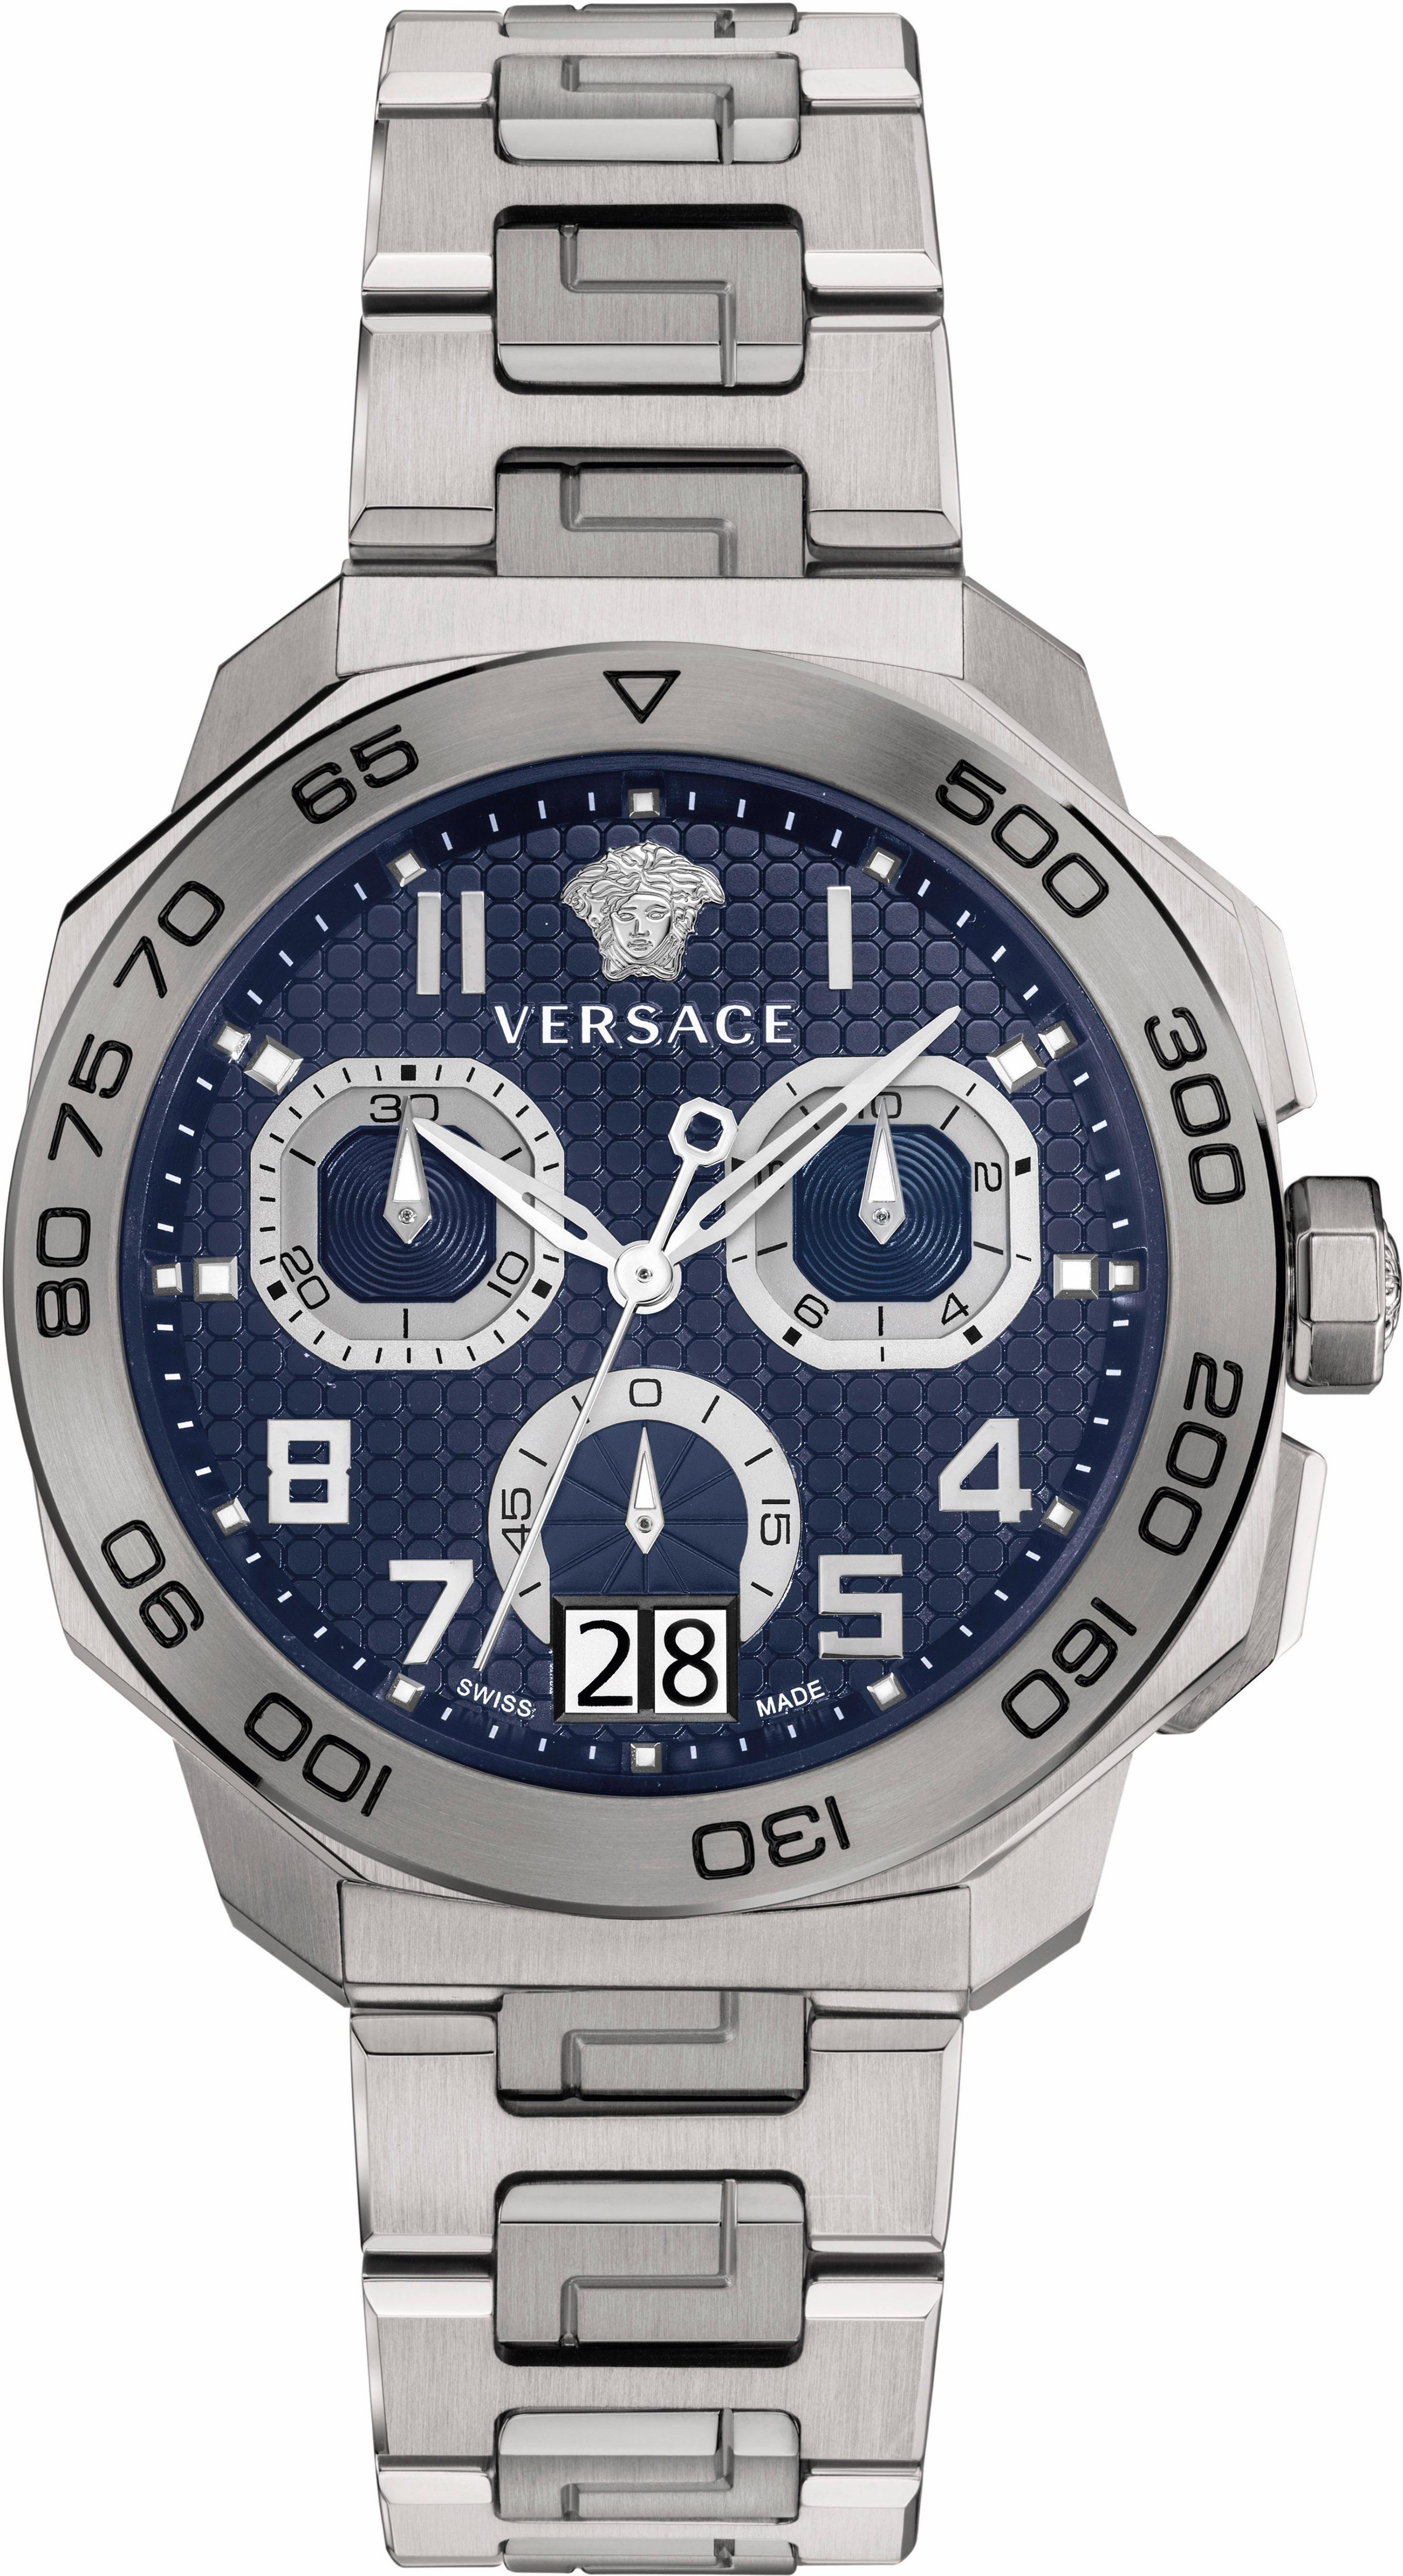 Versace Chronograph »DYLOS, VQC090016«, 5 von 6 Zeiger beleuchtet